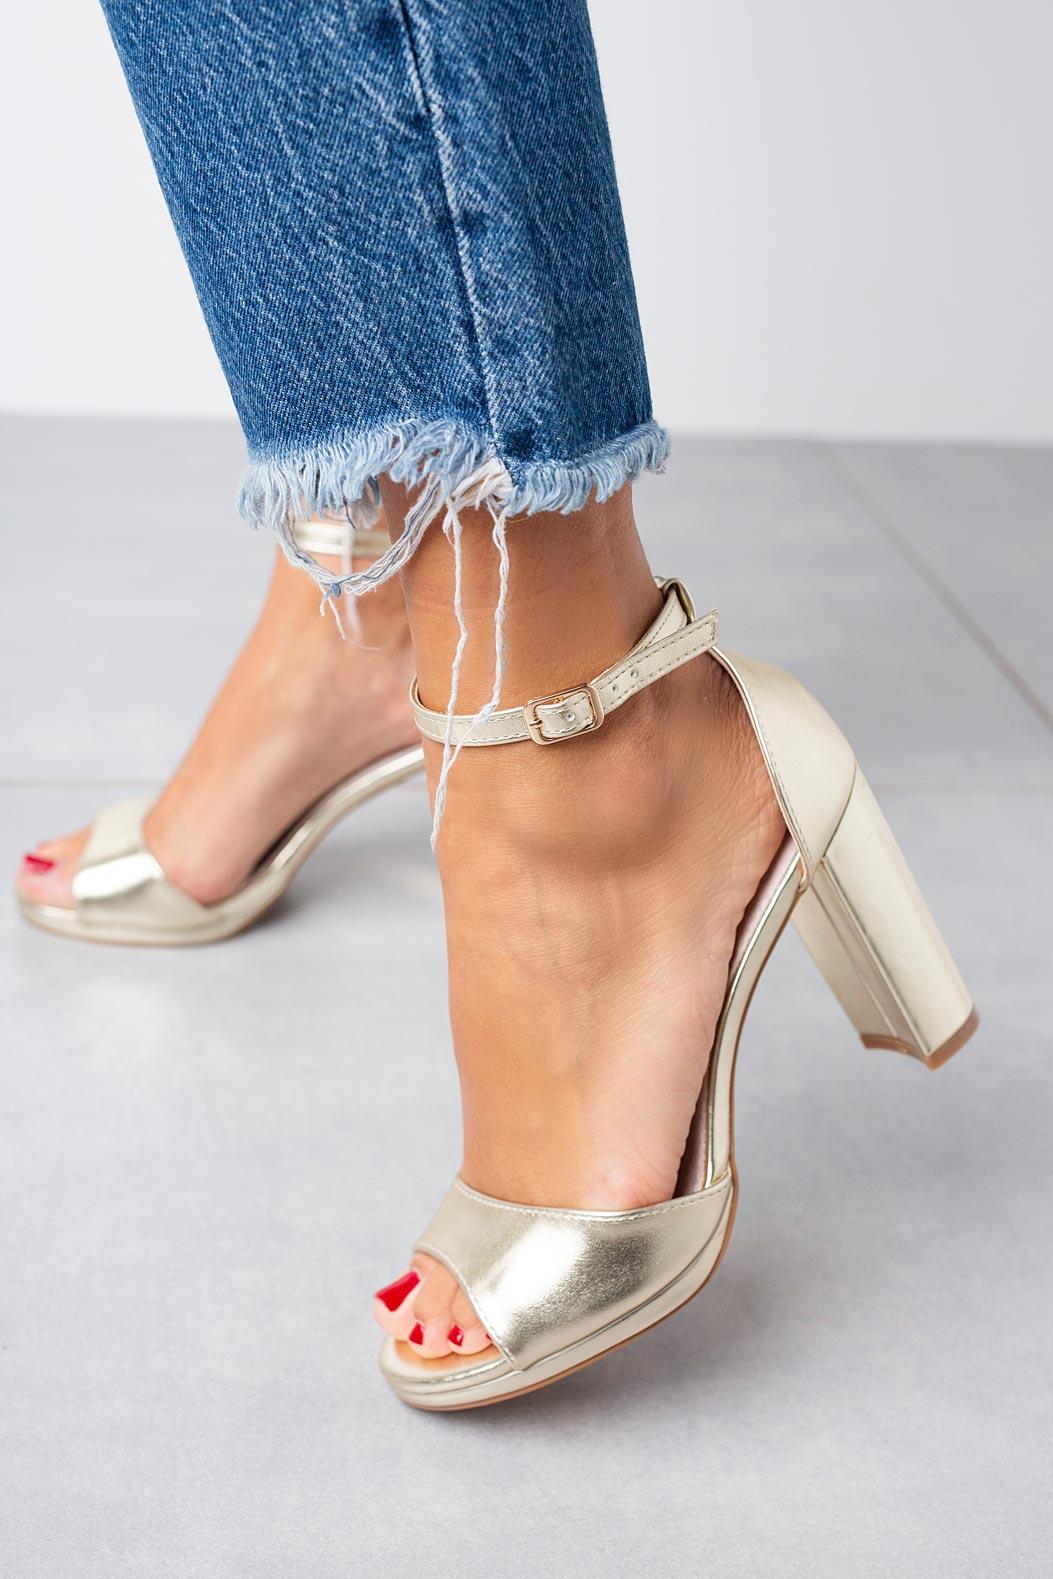 Złote sandały Casu na słupku z paskiem wokół kostki ze skórzaną wkładką D20X9/G złoty